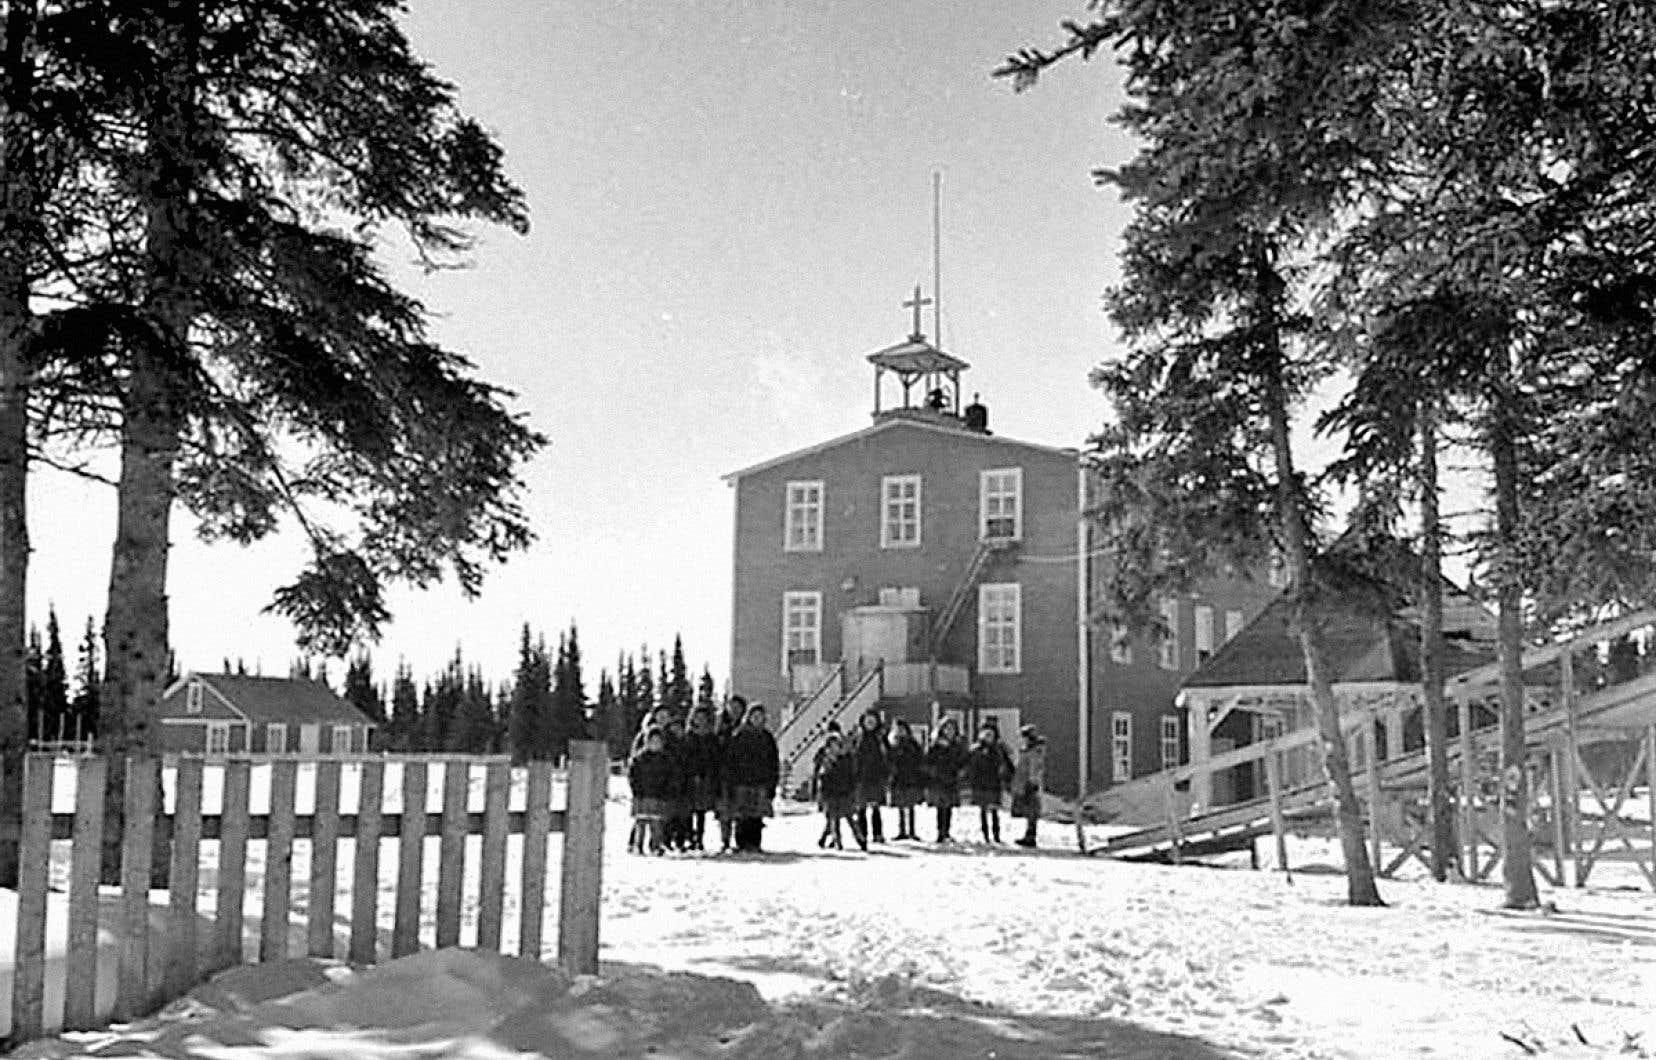 L'École missionnaire des Pères Oblats, sur l'île de Fort George, en janvier 1946